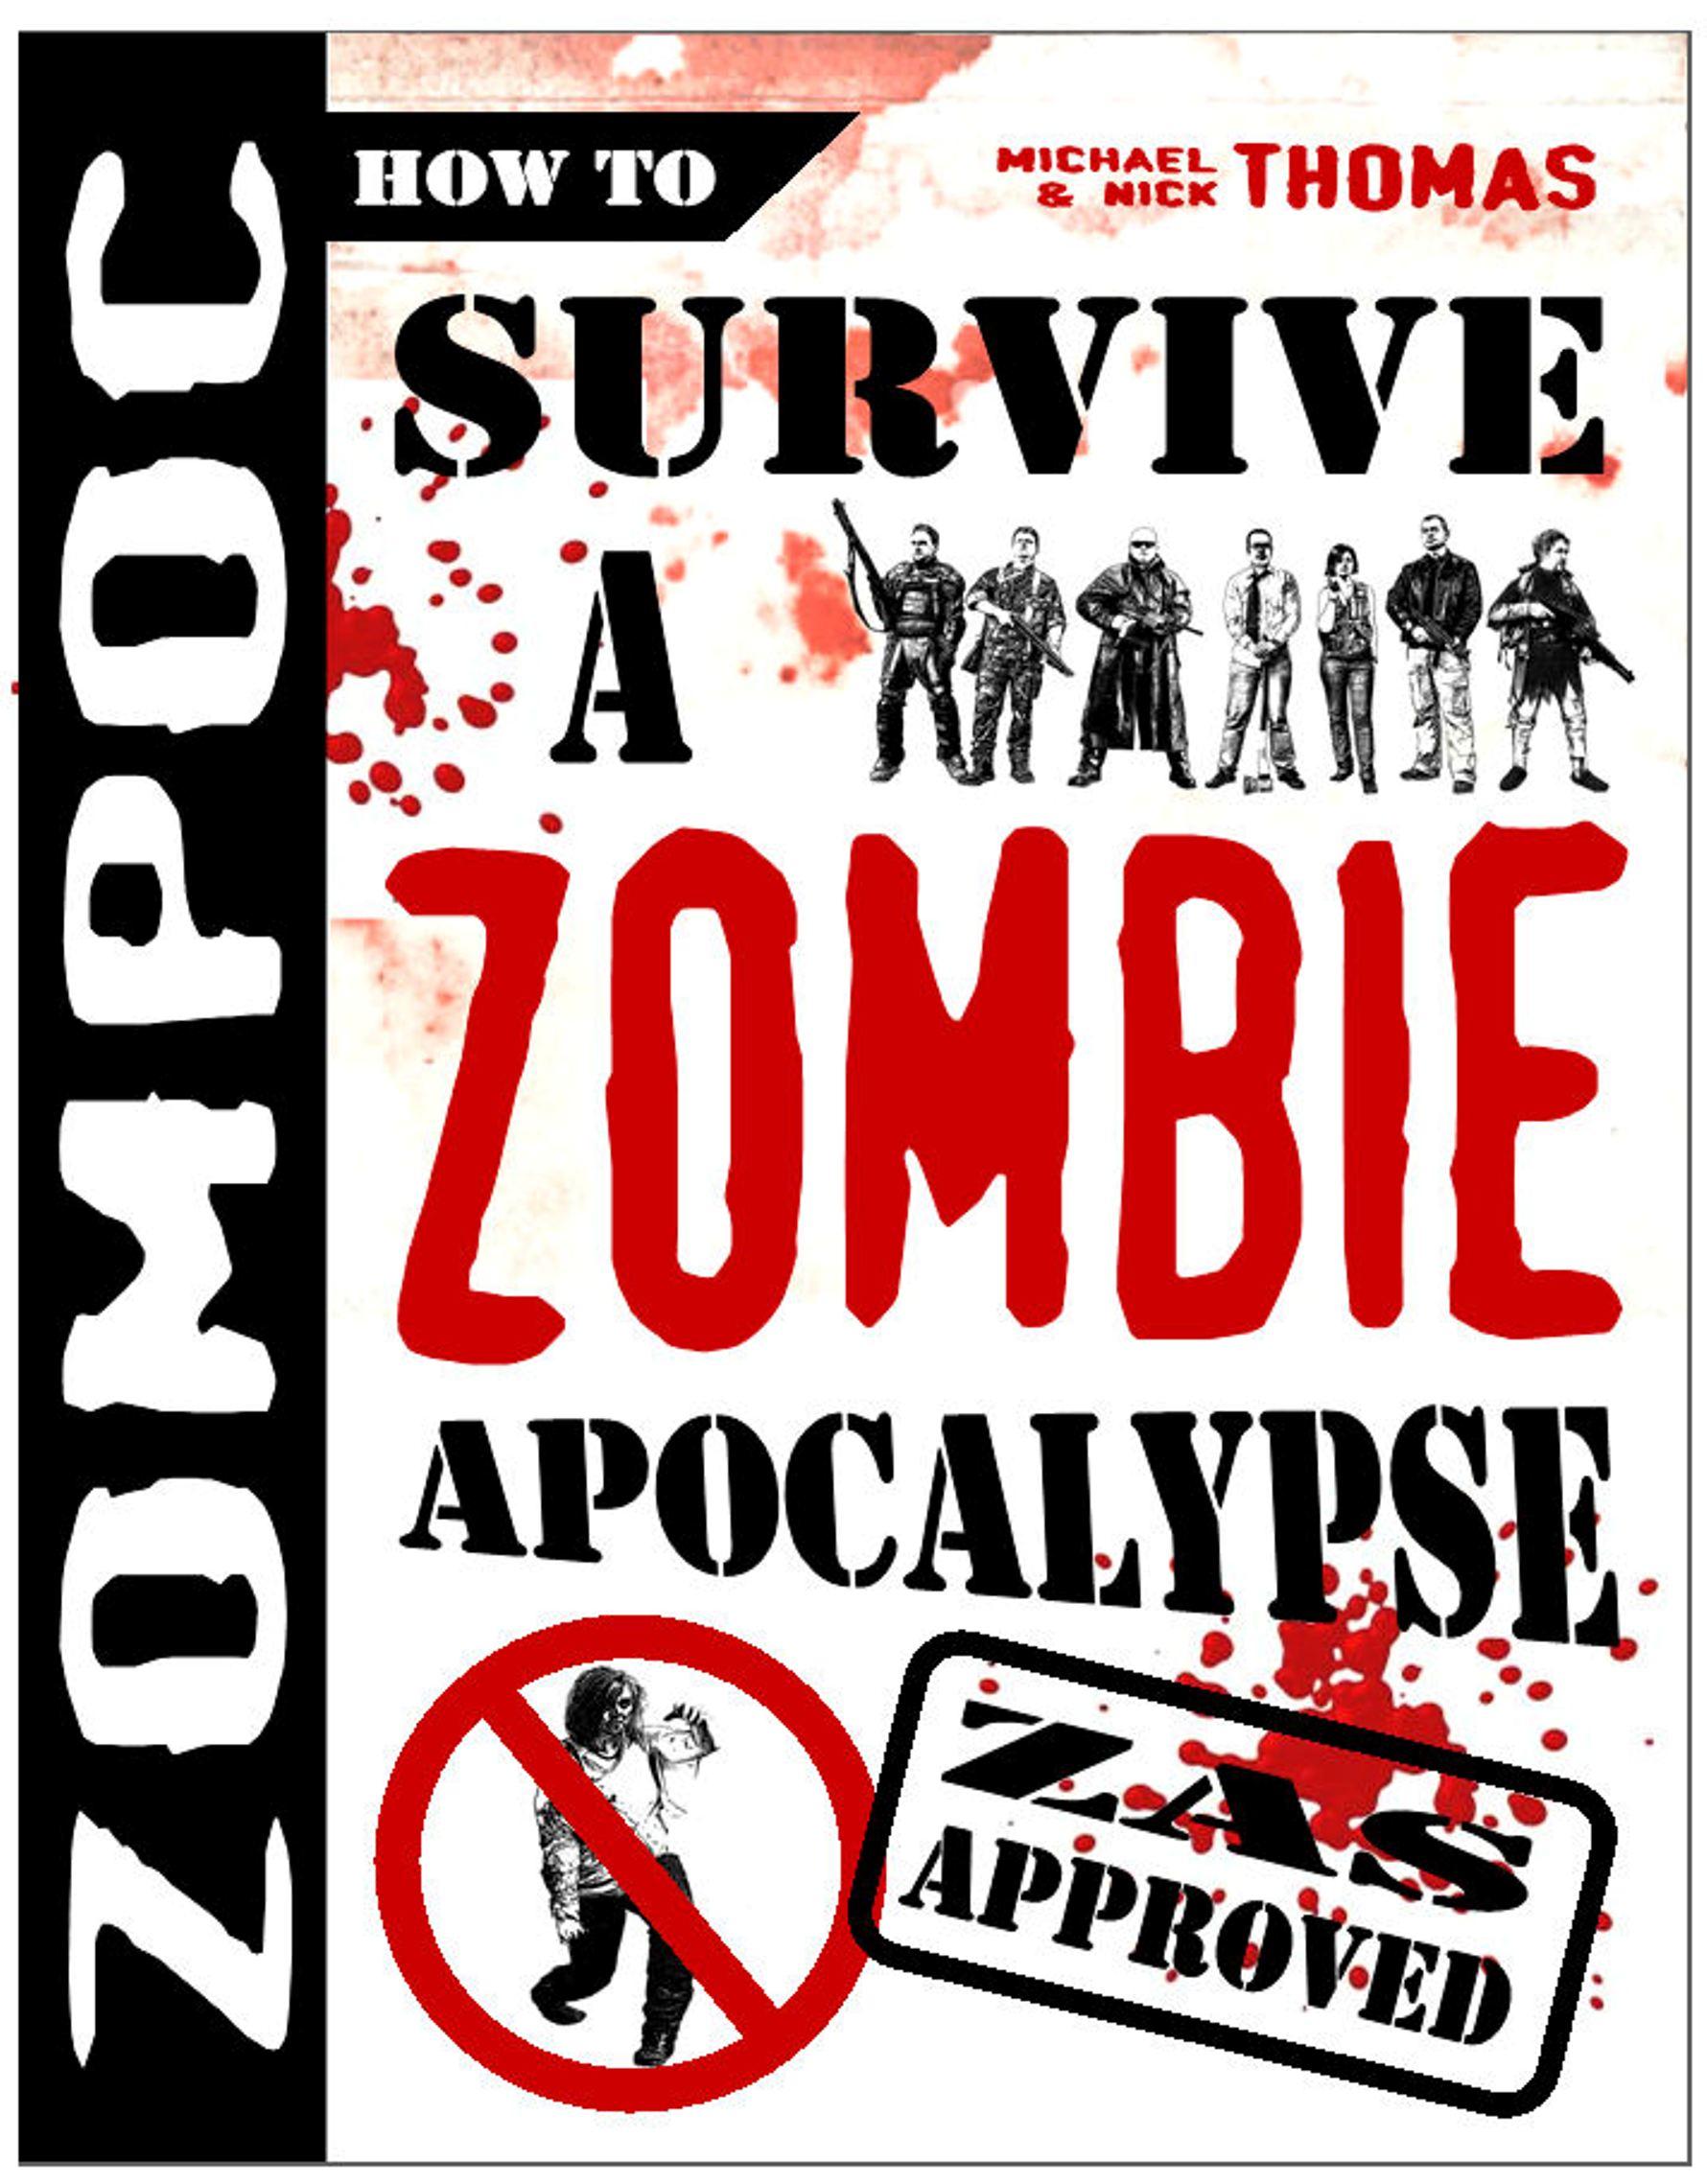 Набор для выживания при зомби апокалипсисе своими руками шаблоны